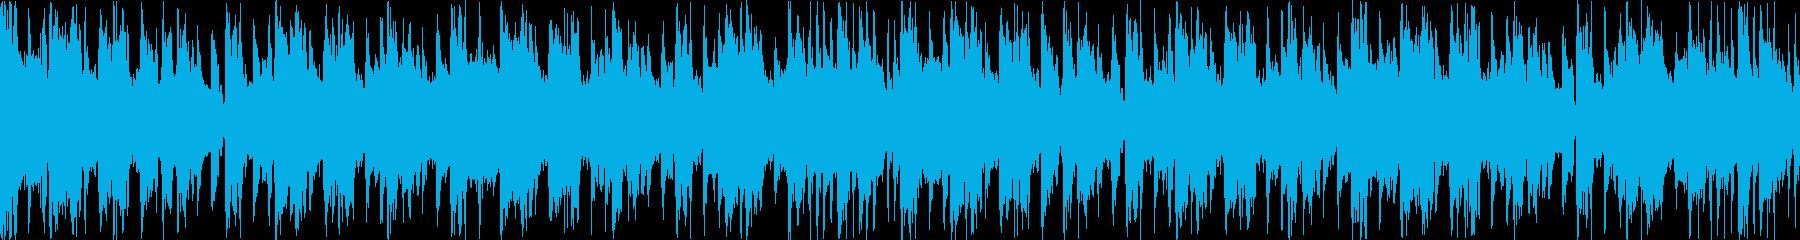 若々しさのあるファンキーなBGMの再生済みの波形